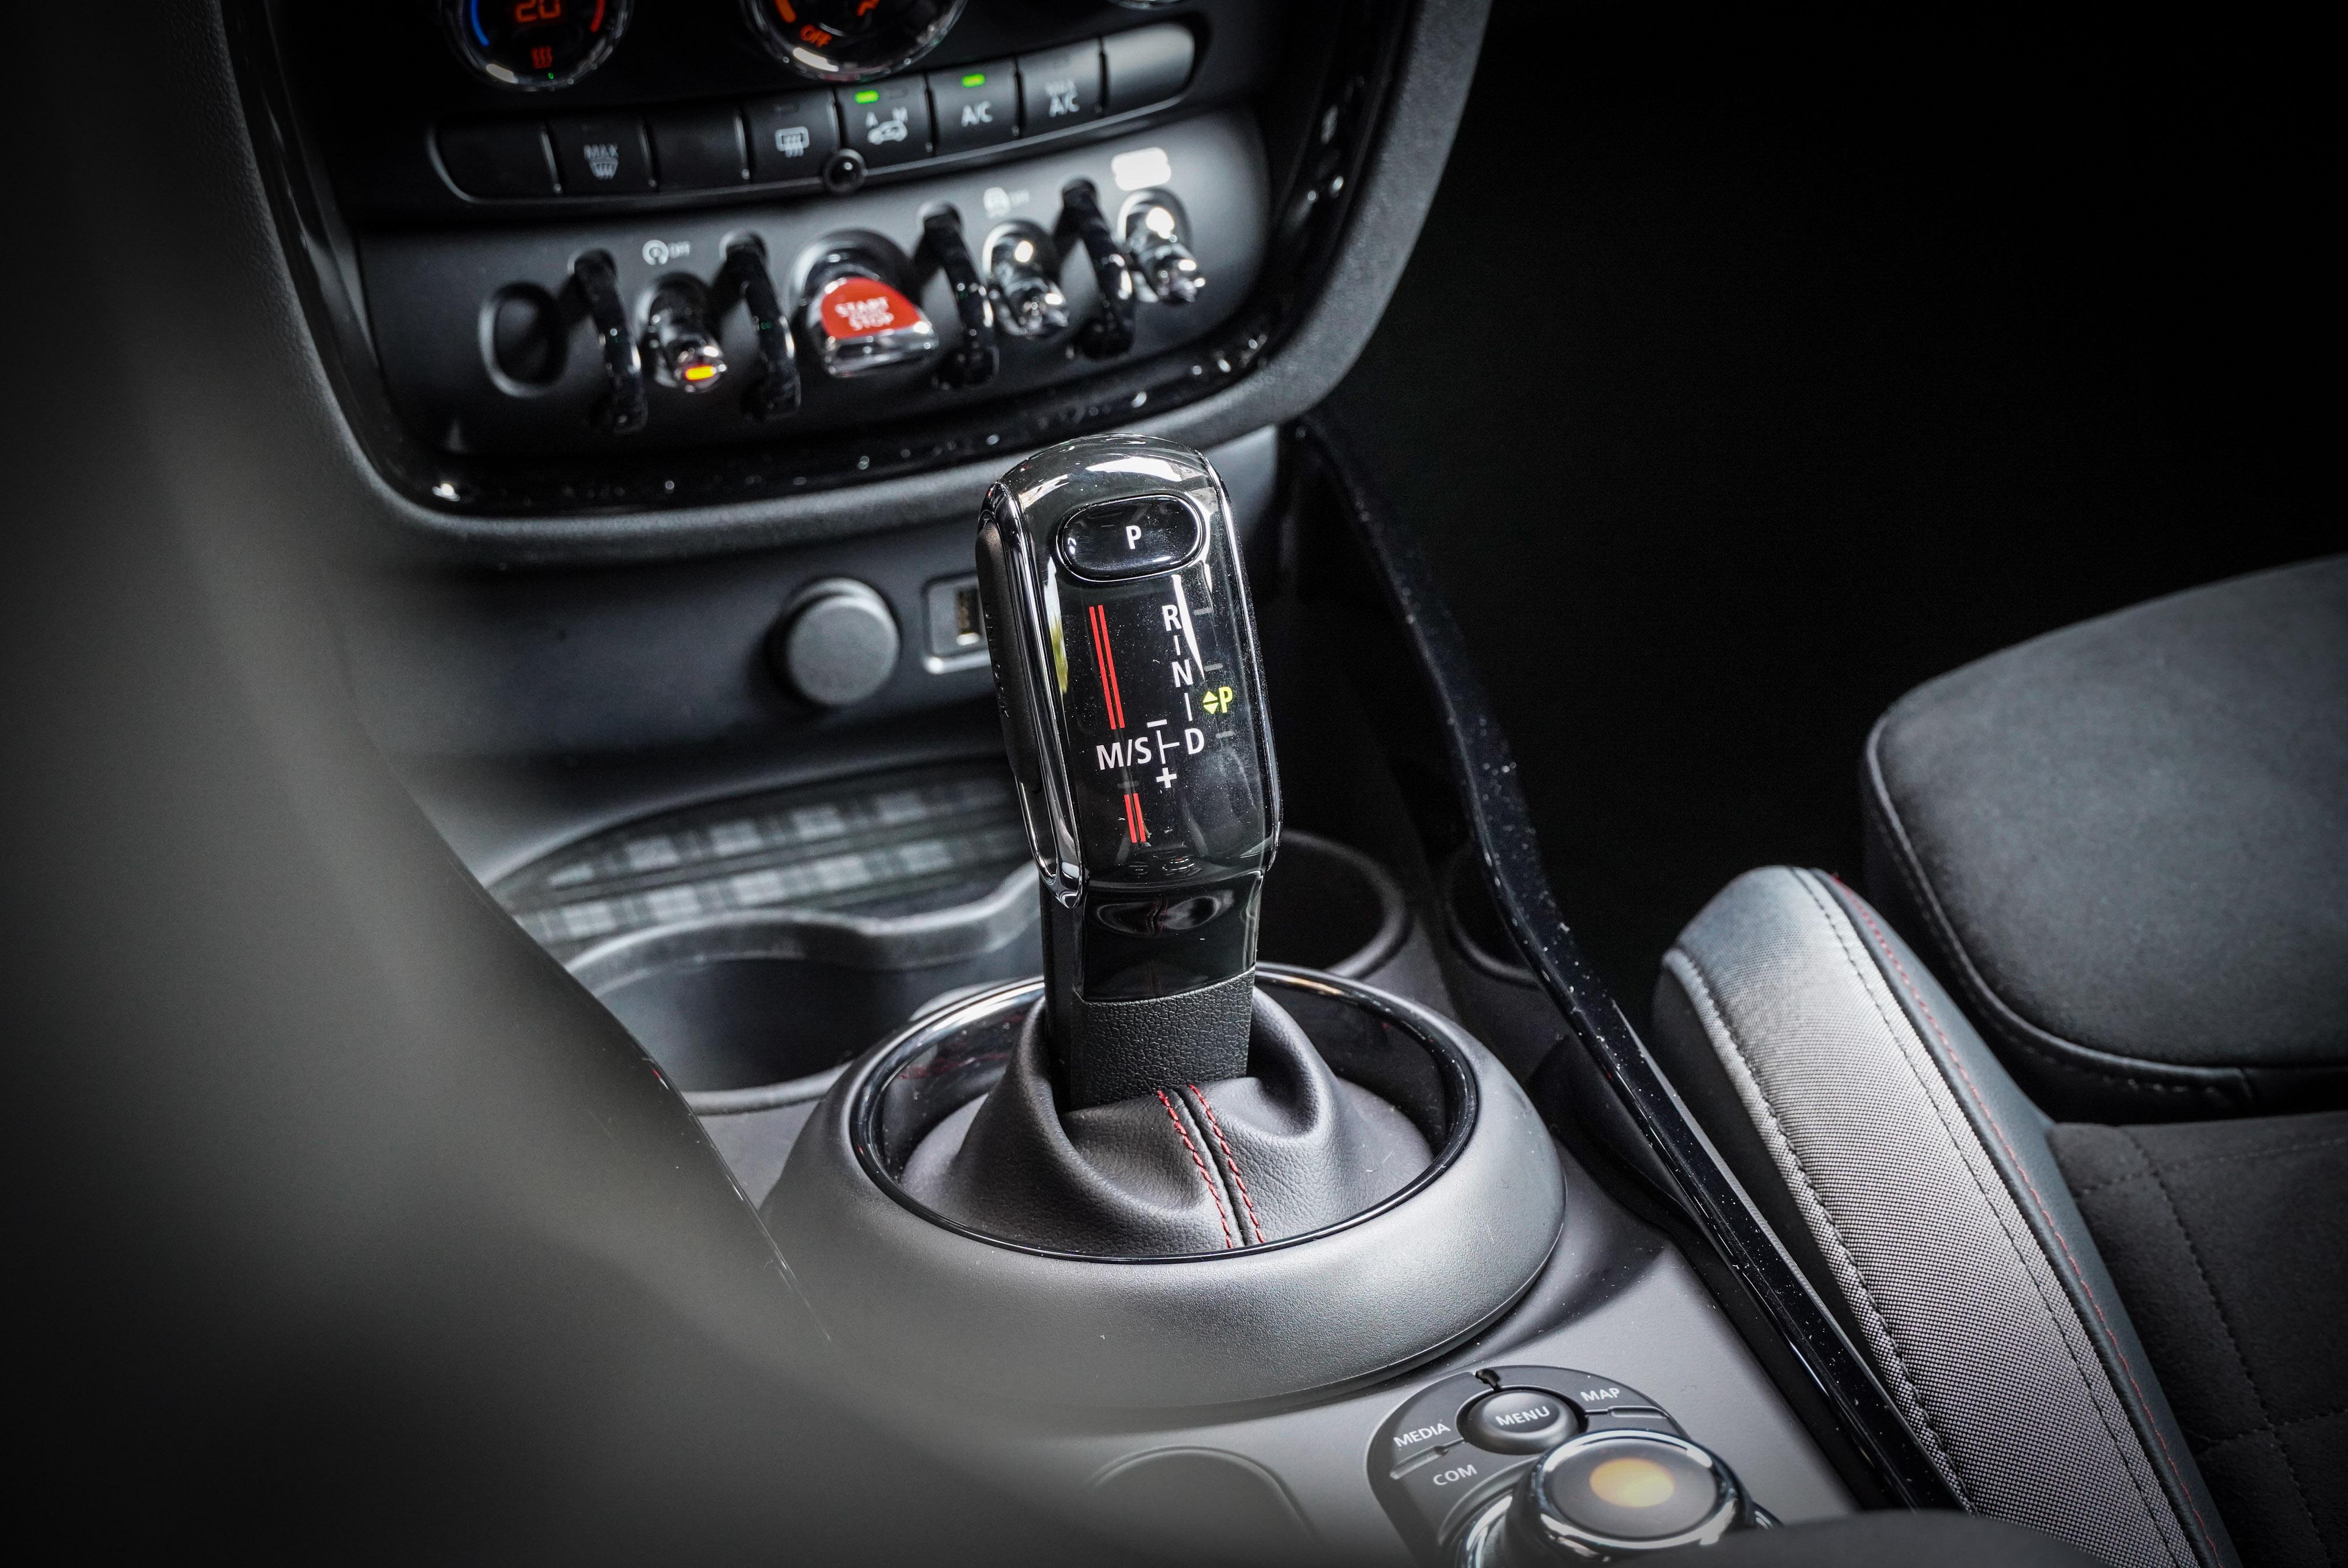 跑車化 Steptronic 八速手自排變速箱搭配 ALL4 智慧四輪傳動系統,0-100 km/h 加速僅需 4.9 秒。